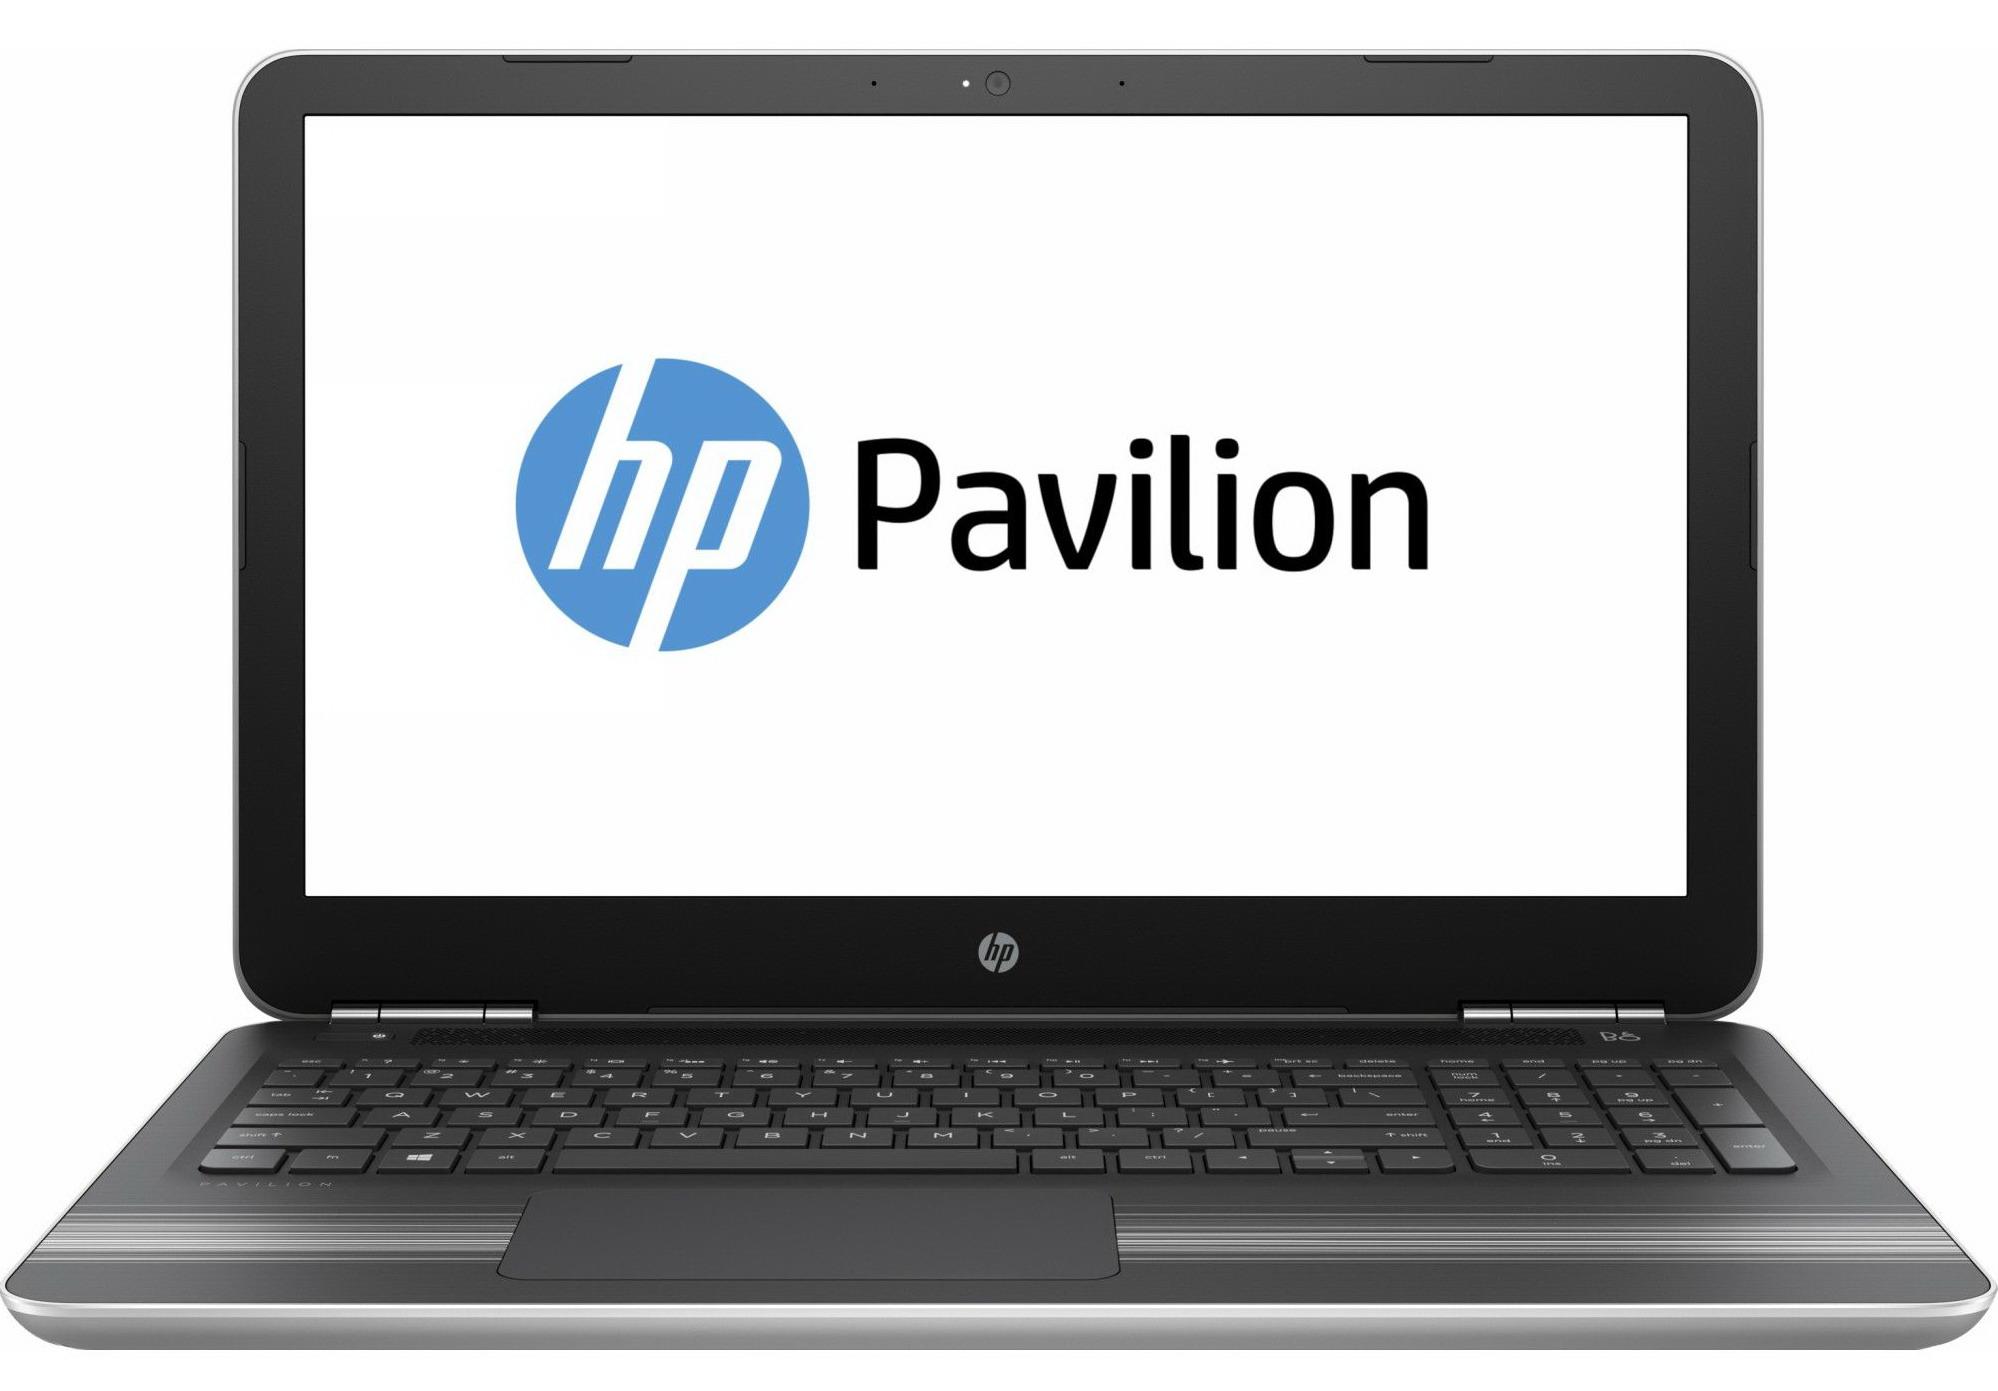 HP Pavilion 15-au006nq